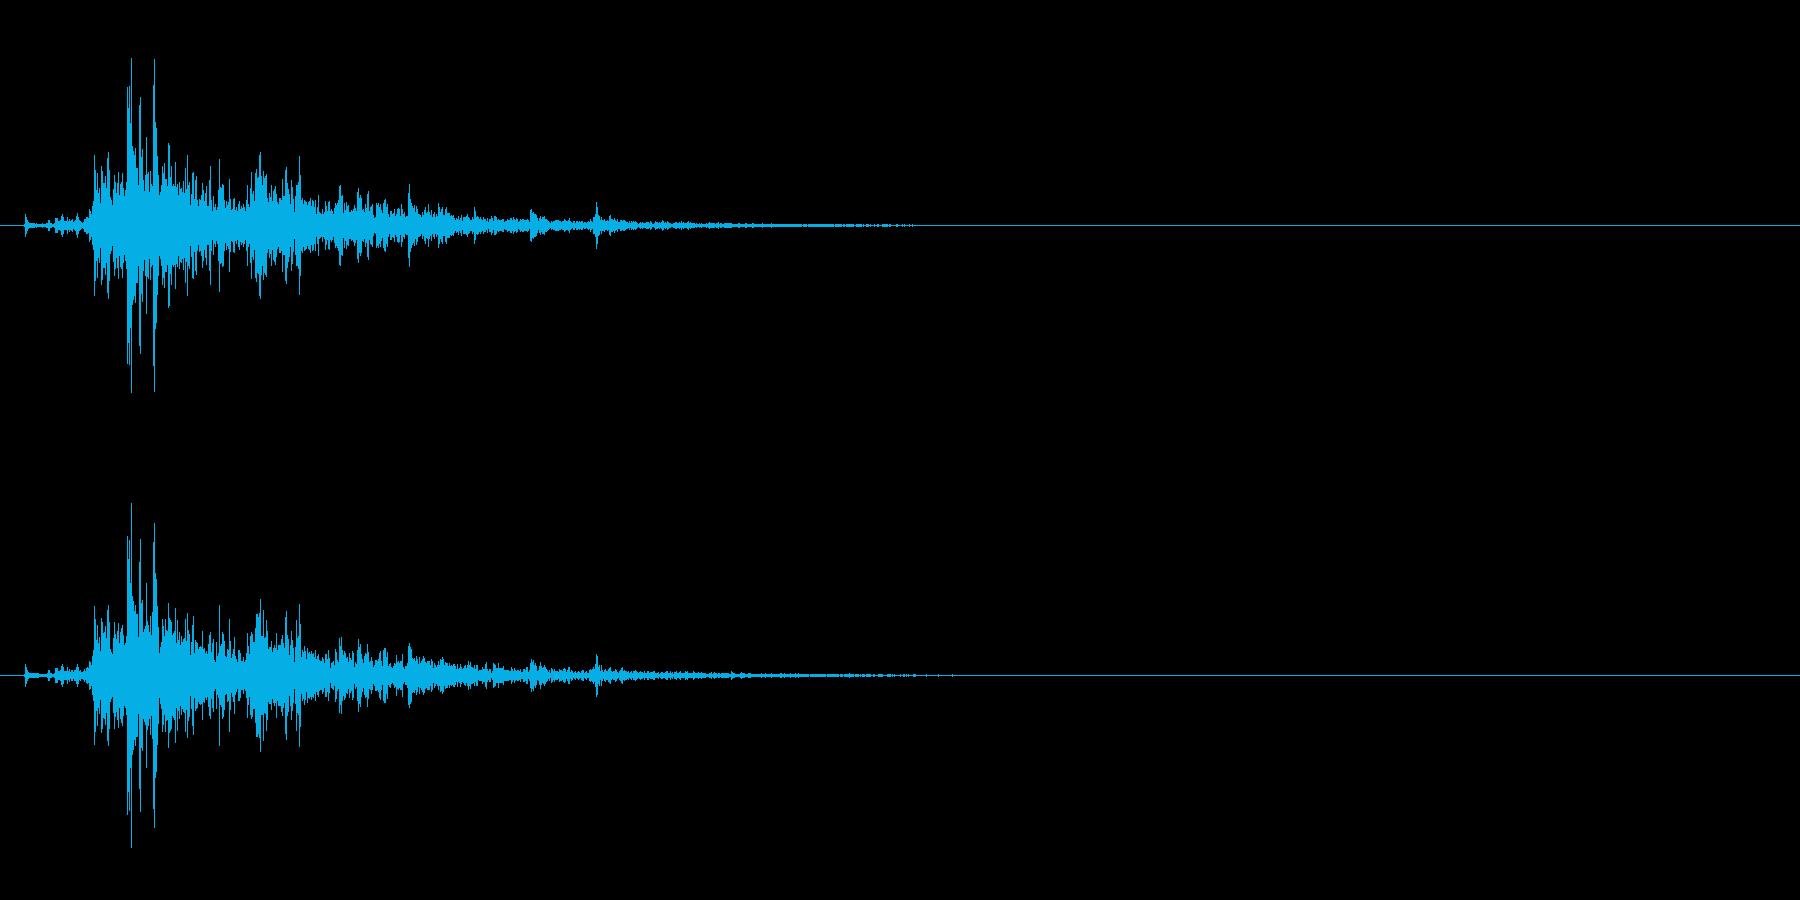 「シャン!」ウッドチャイム単発音リバーブの再生済みの波形